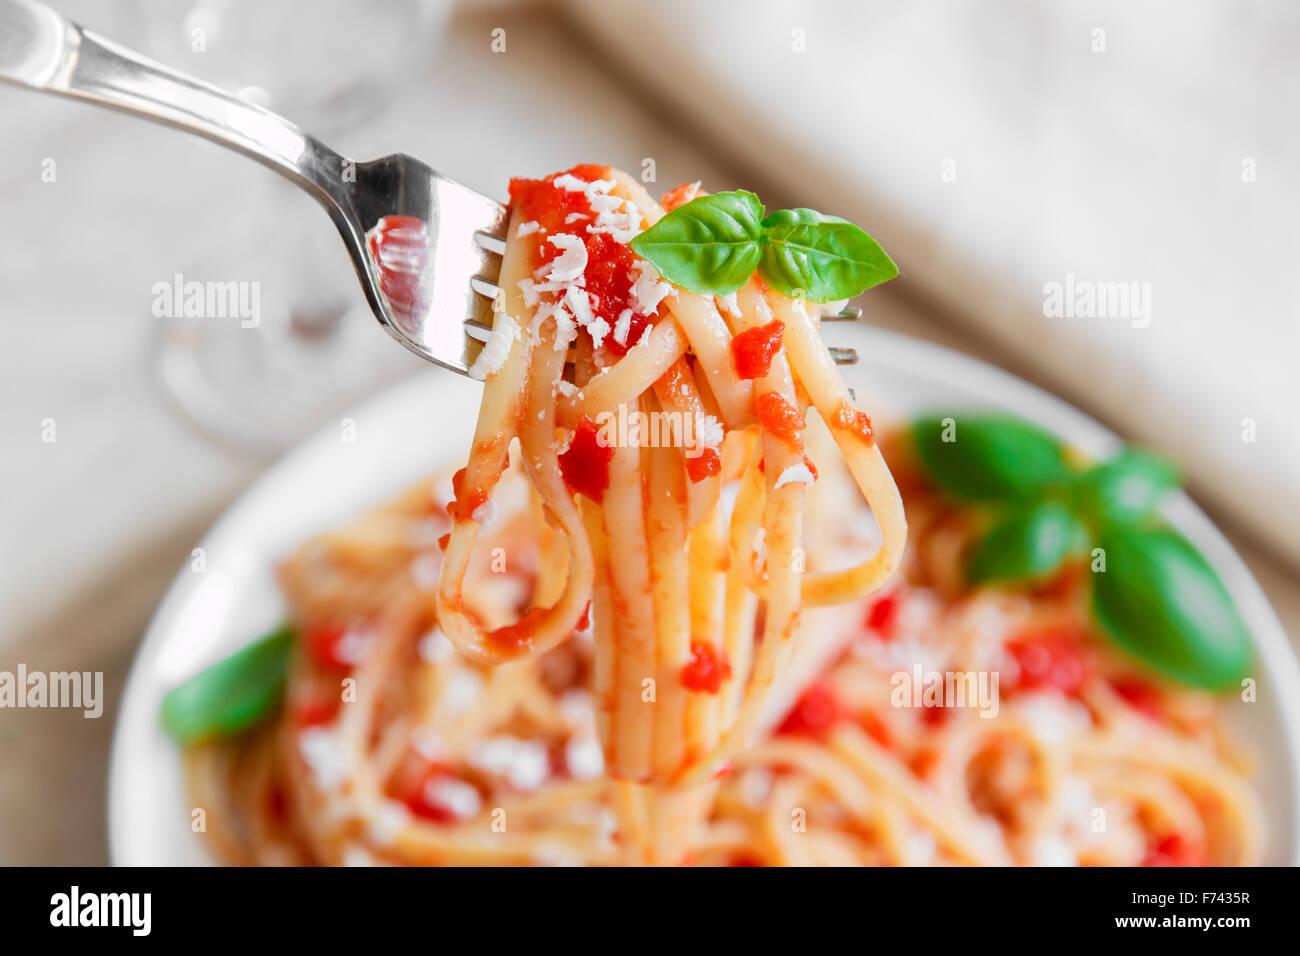 Les linguine pâtes avec sauce tomate et fromage sur une plaque Photo Stock